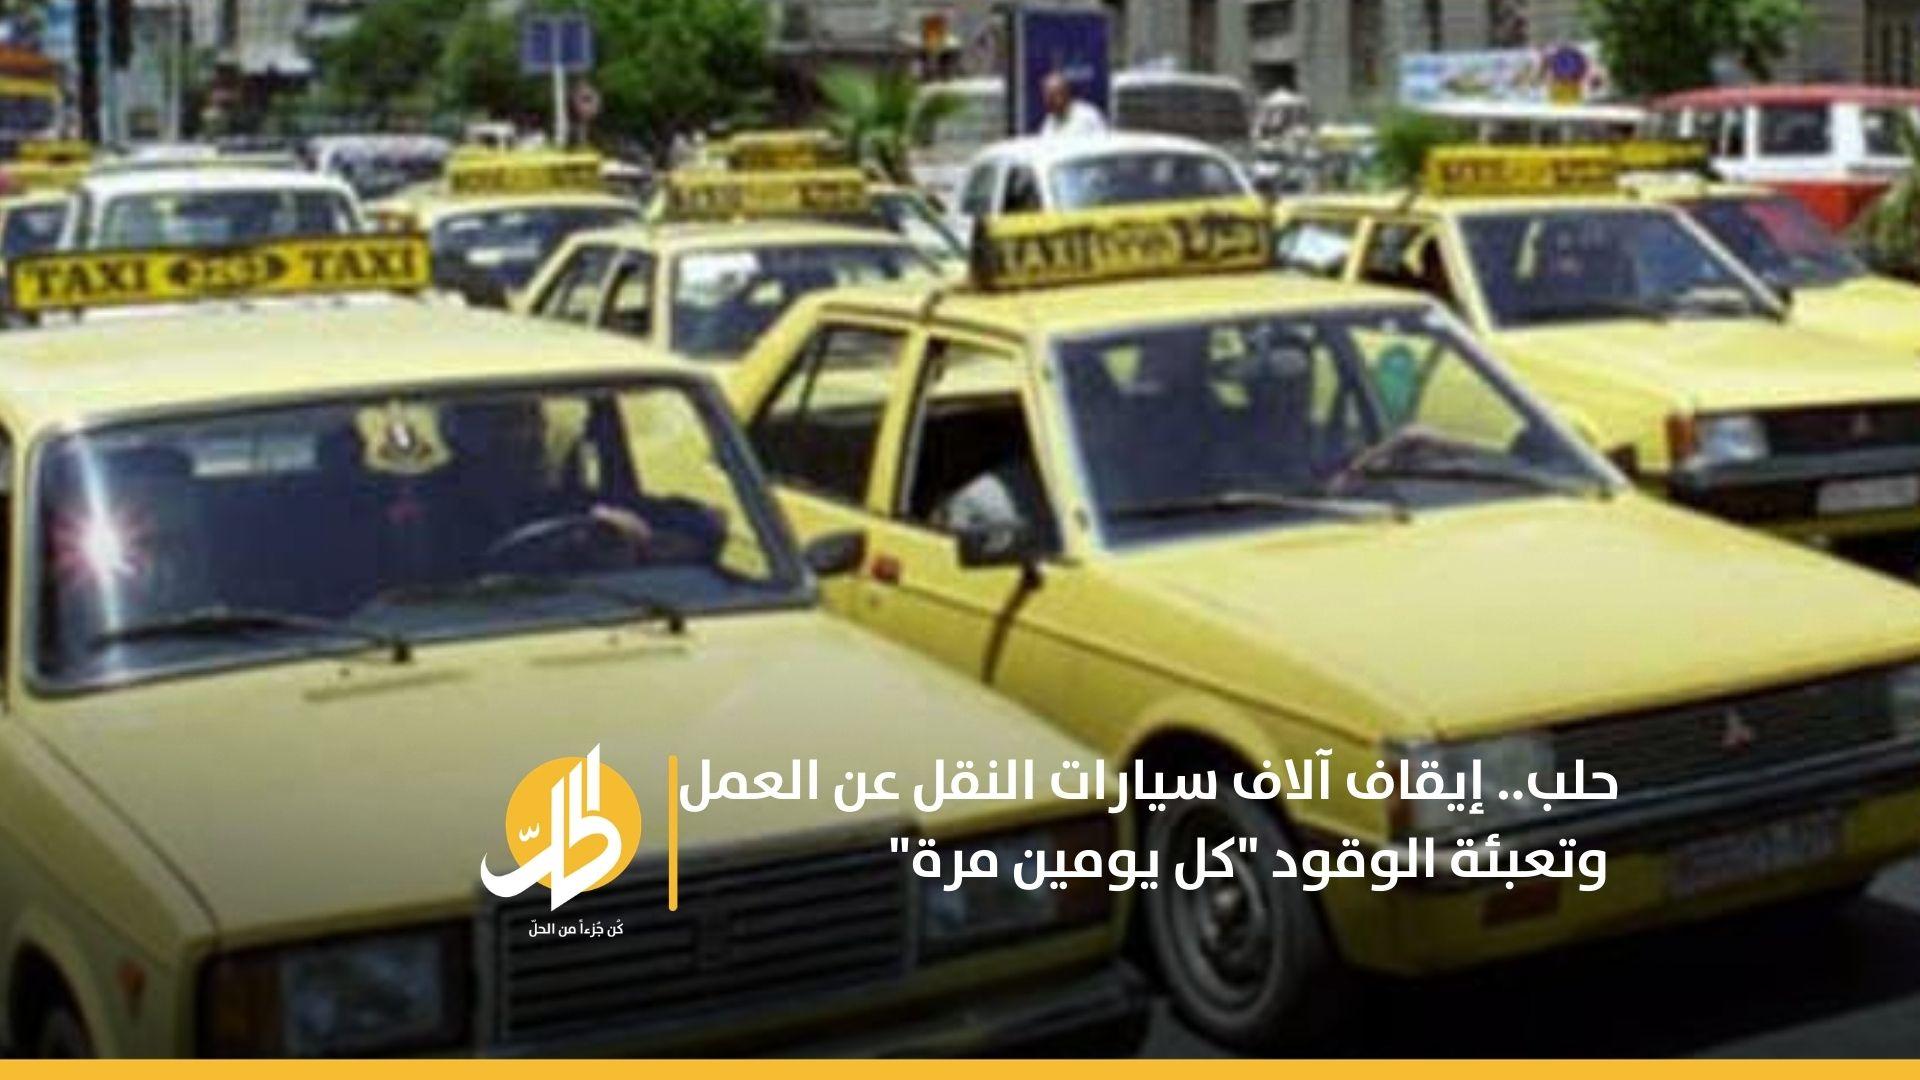 """حلب.. إيقاف آلاف سيارات النقل عن العمل وتعبئة الوقود """"كل يومين مرة"""""""